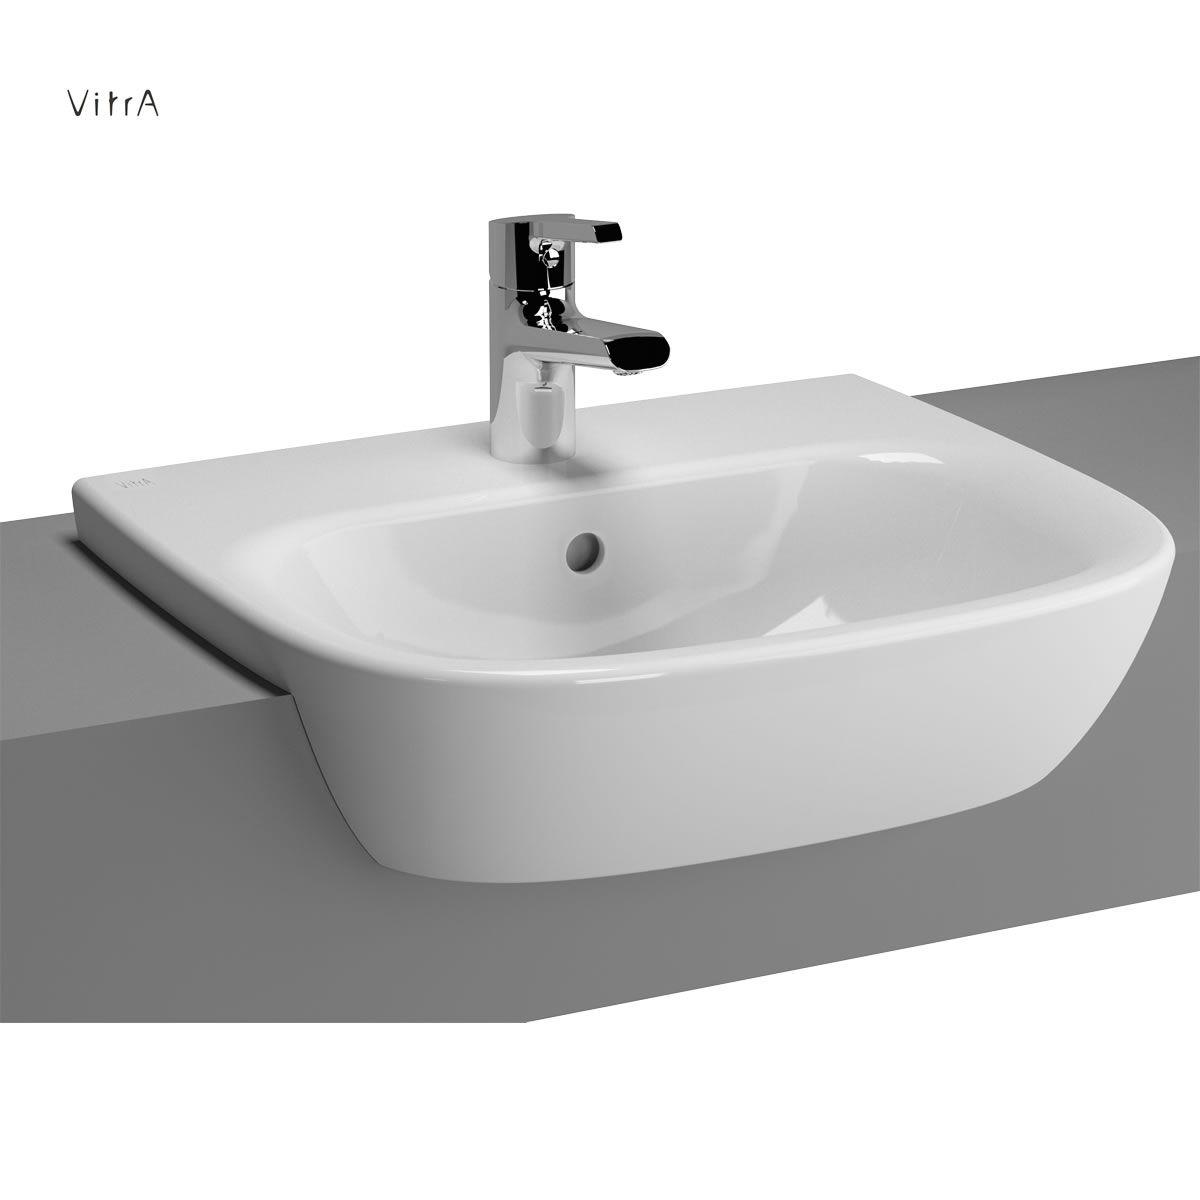 Vitra Zentrum Semi Recessed Basin 50cm